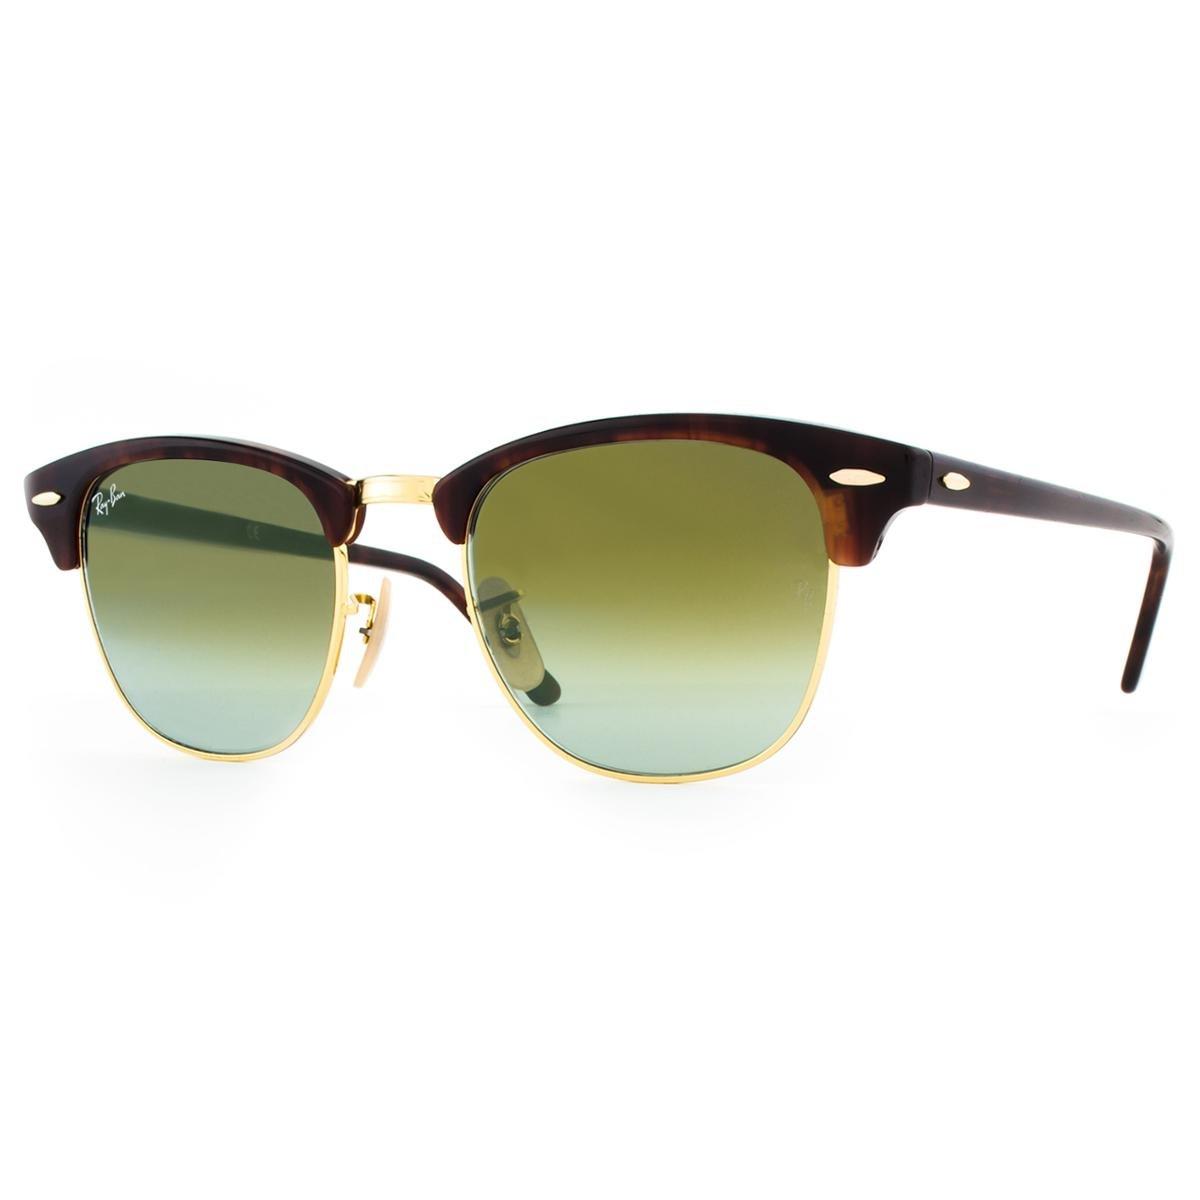 5c36eed162a12 ... Óculos de Sol Ray Ban Clubmaster Flash RB3016 990 9J-51 Feminino ...